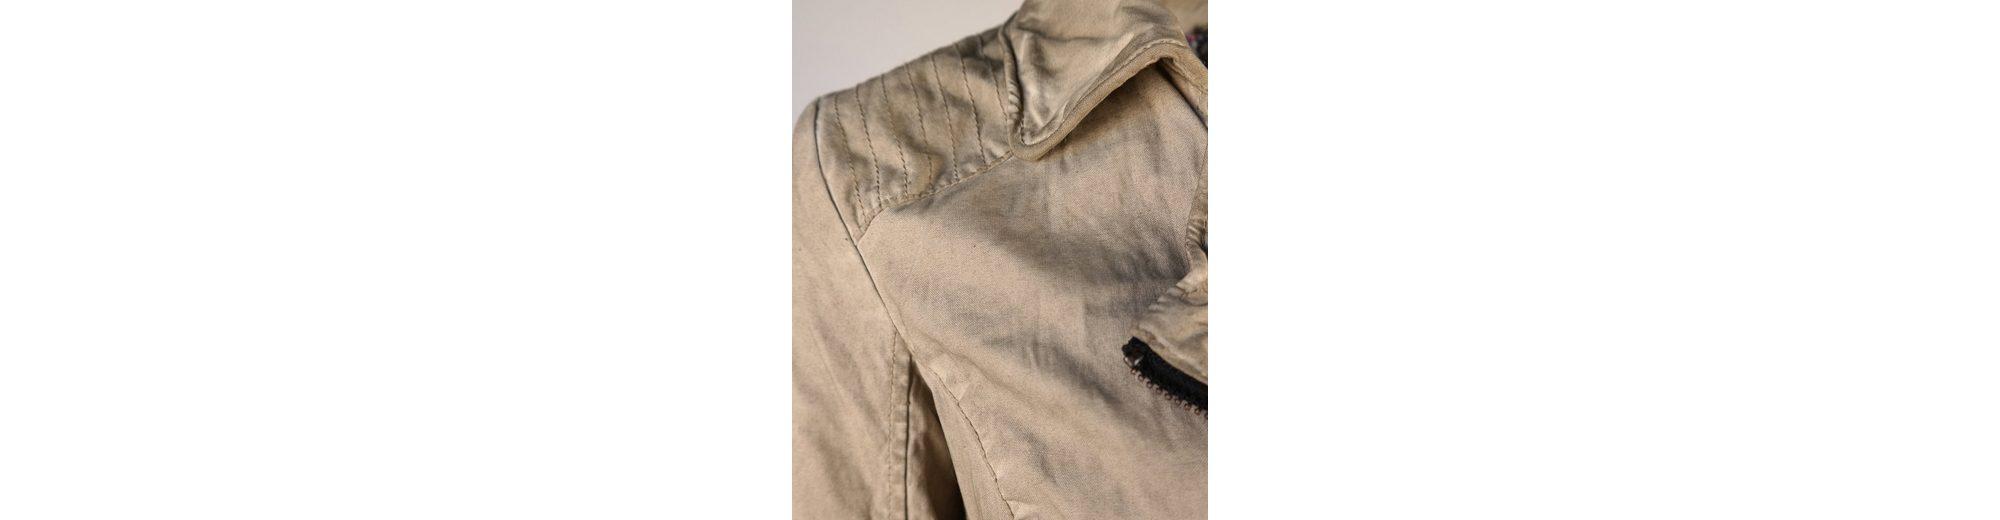 JCC Textiljacke körpernah geschnitten Japura Ausgezeichnete Online nAw3HEB